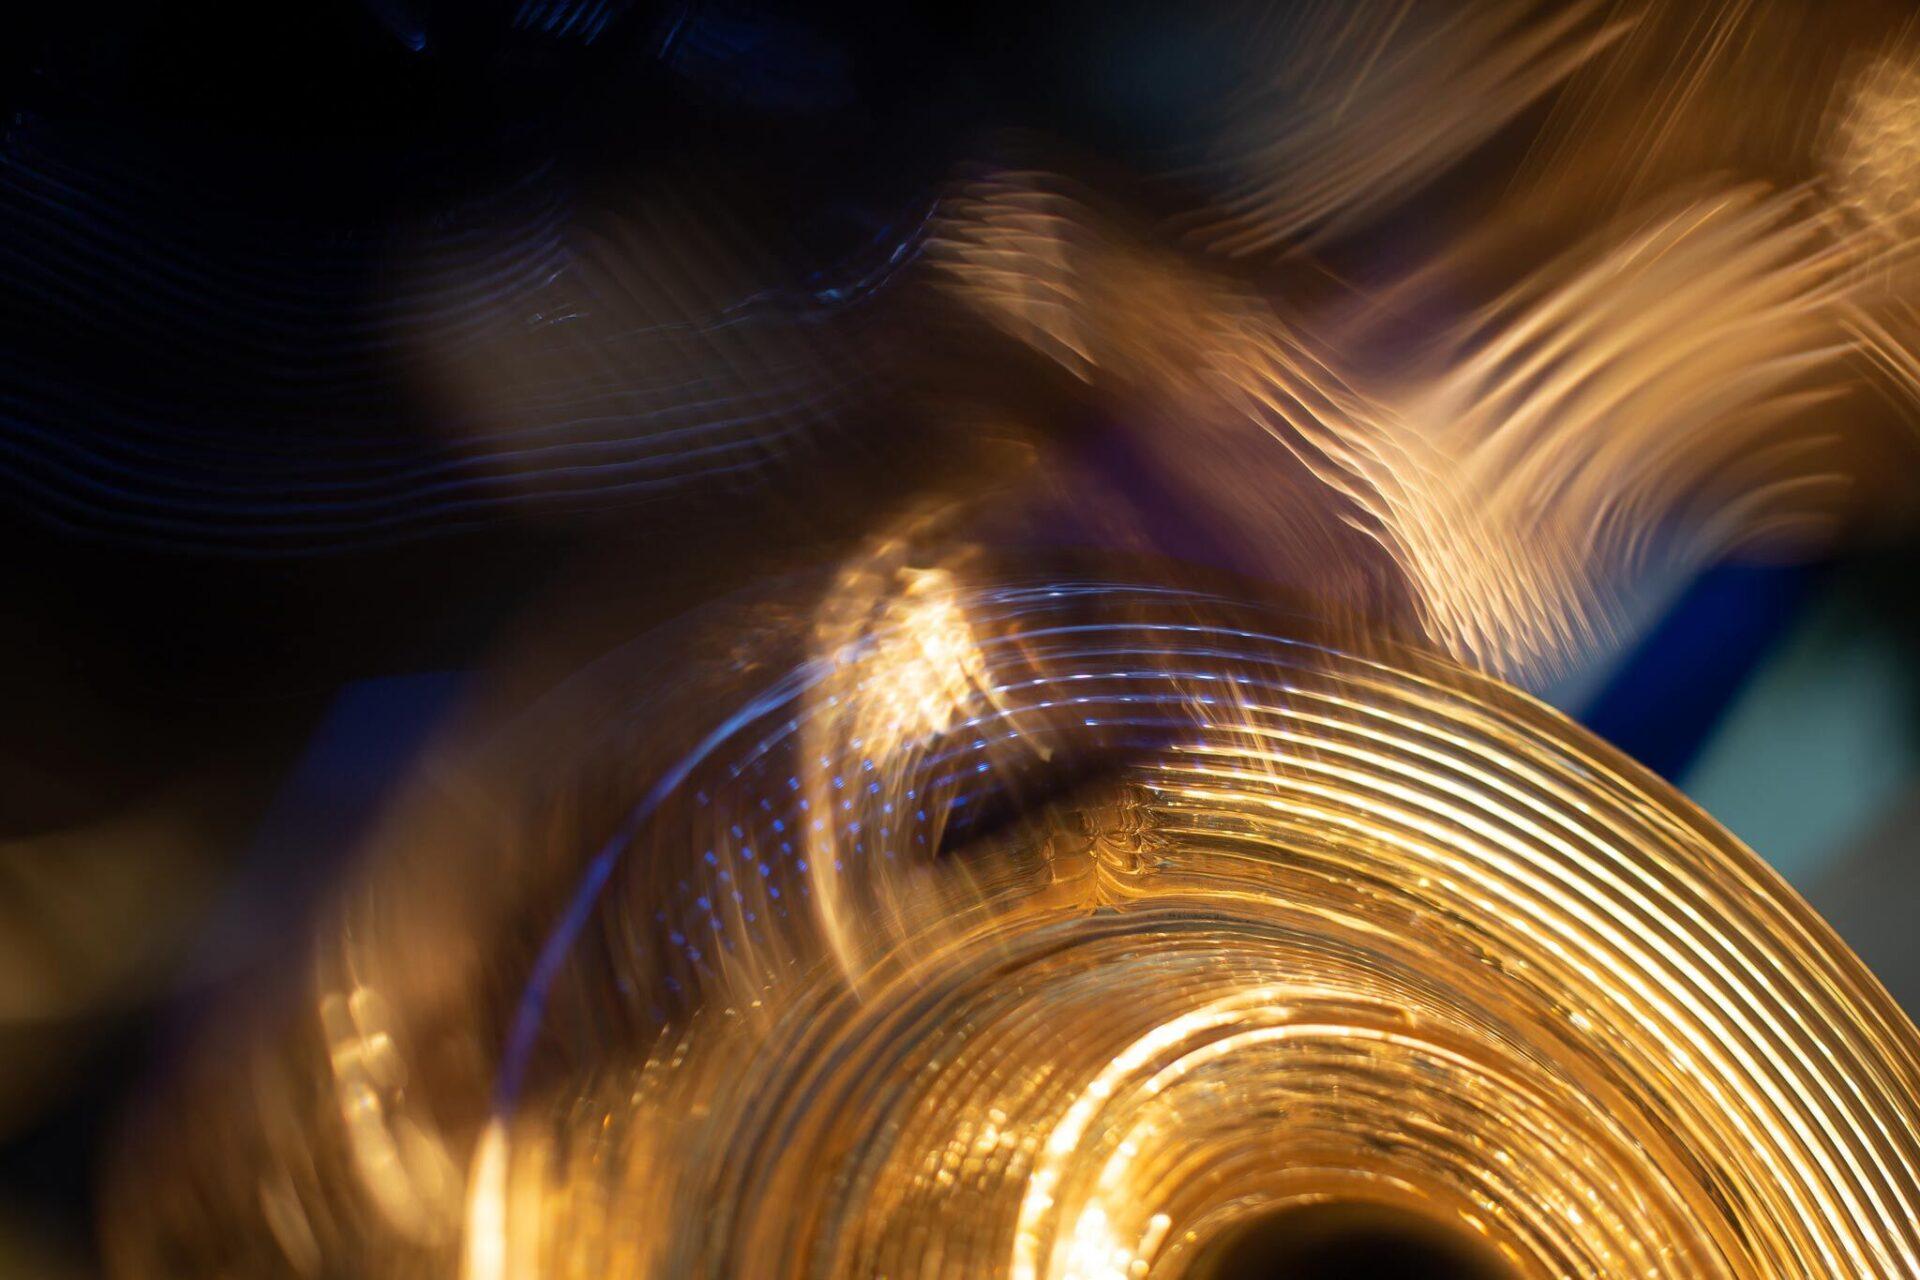 Kooij fresnel light atmosphere detail